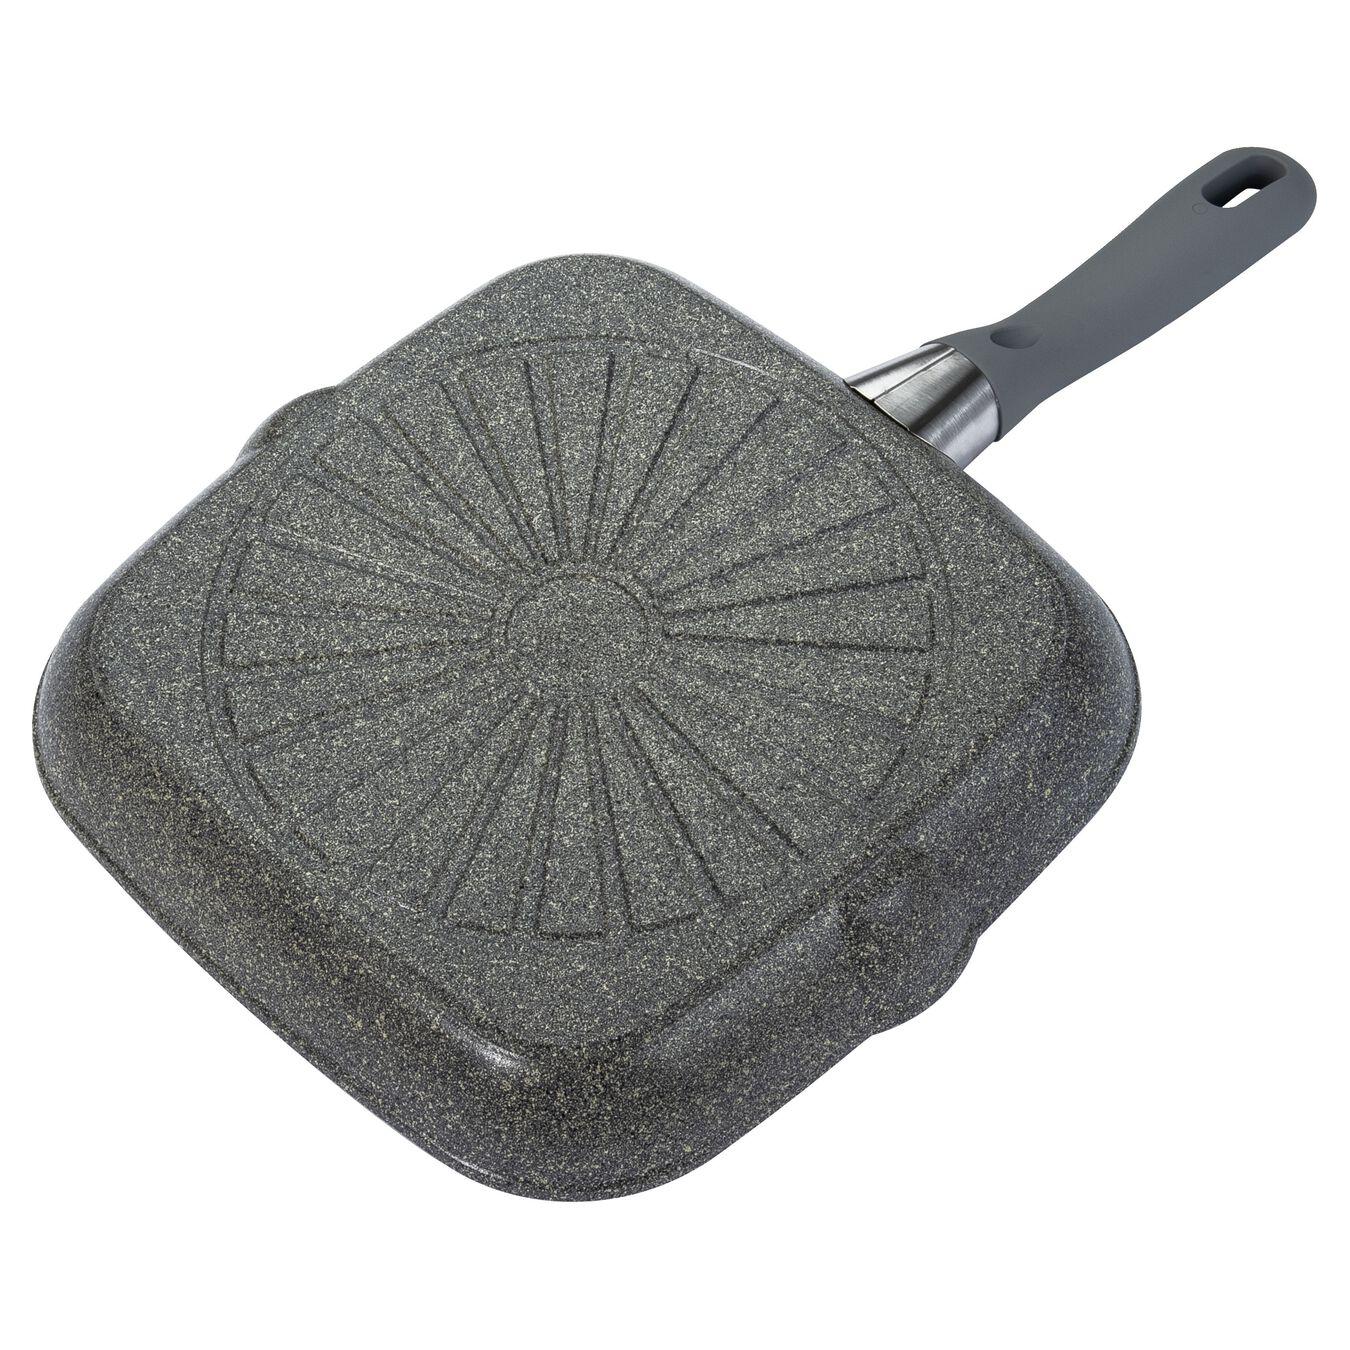 Bistecchiera - 28 cm, alluminio, Granitium Extreme,,large 2